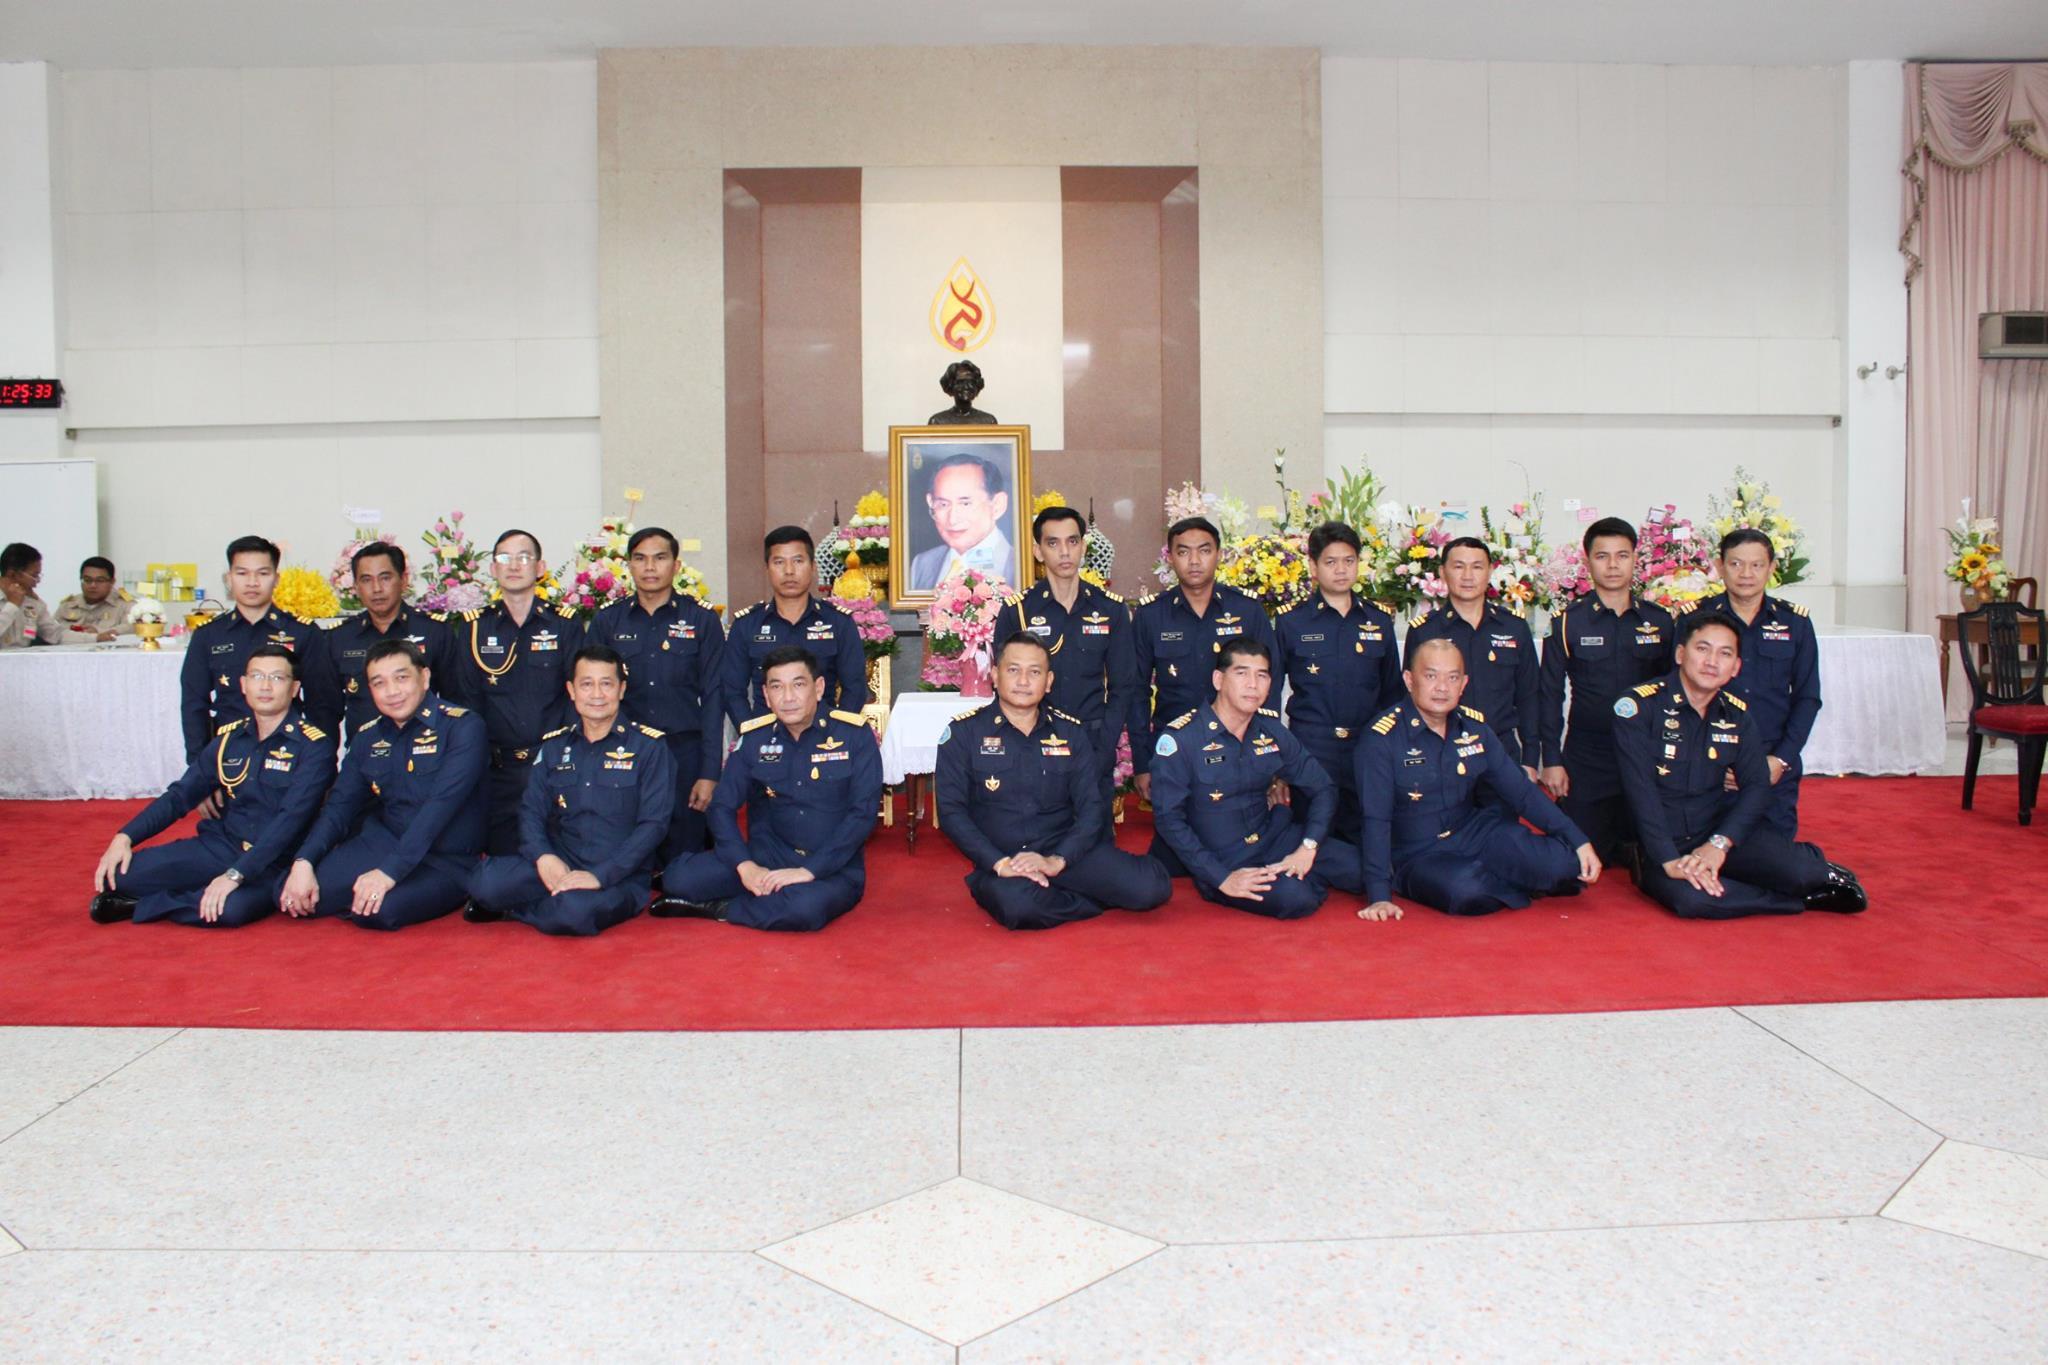 สำนักงานผู้บังคับทหารอากาศดอนเมือง ลงนามถวายพระพรพระบาทสมเด็จพระเจ้าอยู่หัว